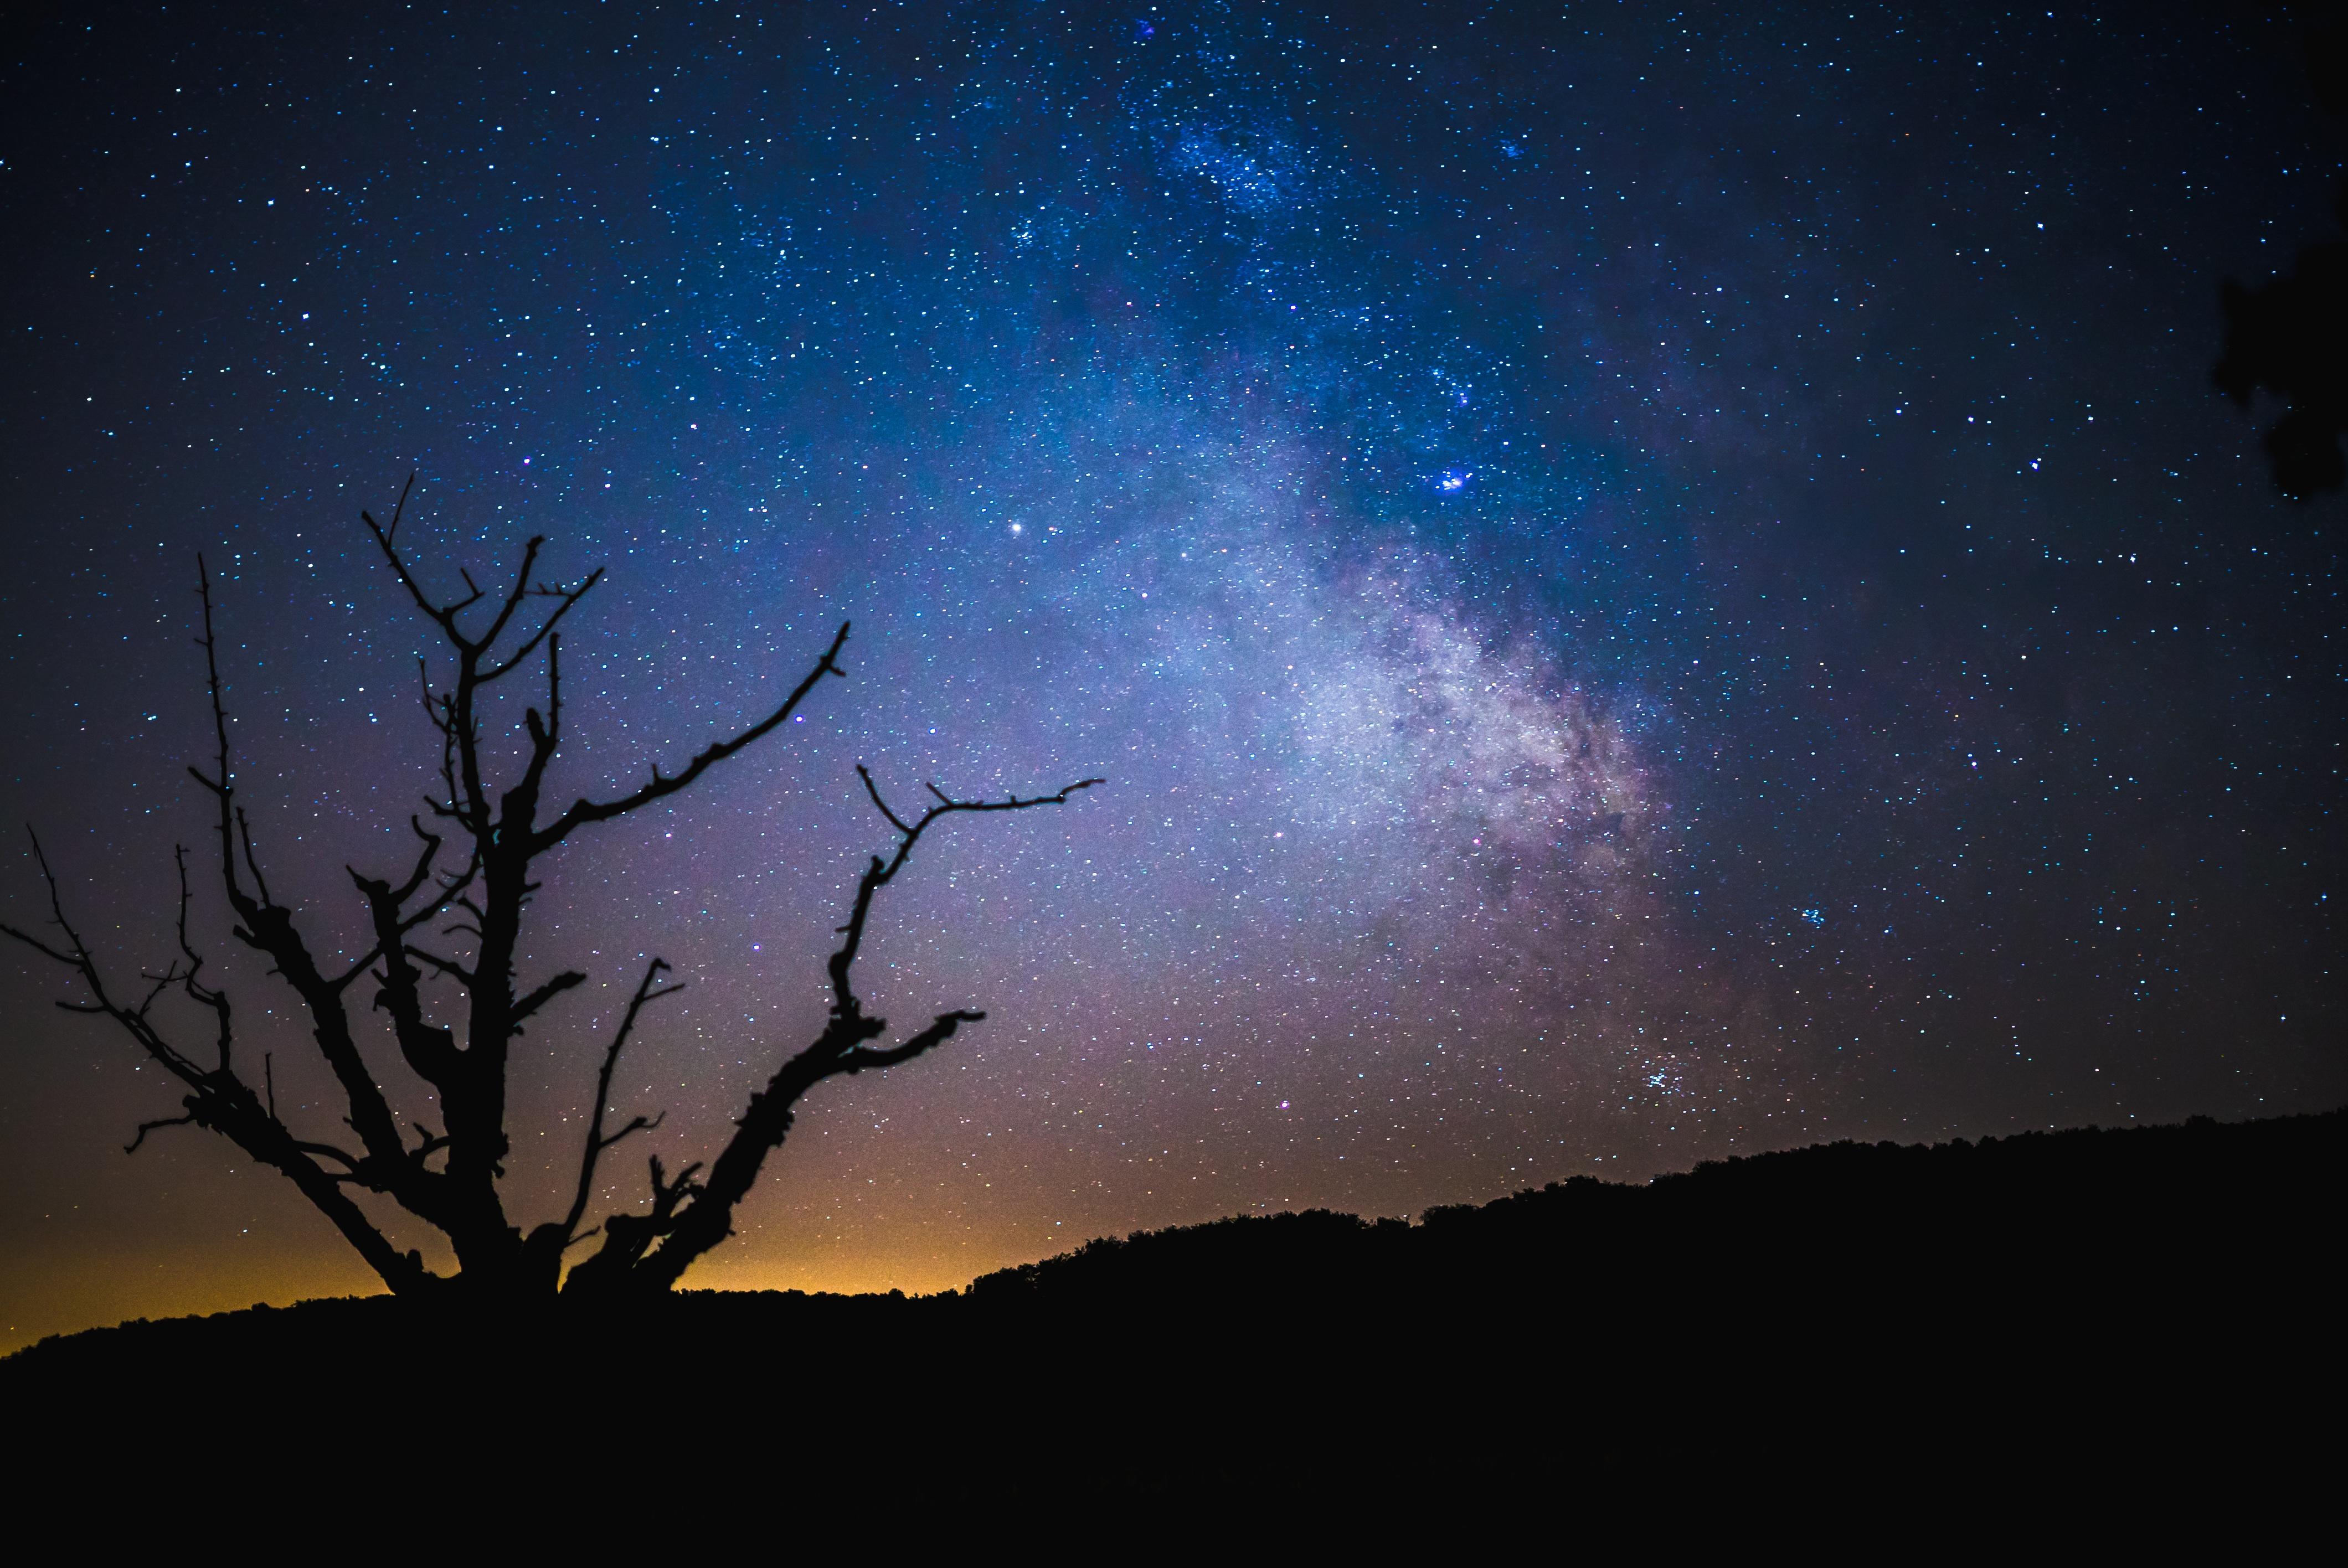 картинки ночное небо и деревья последние три